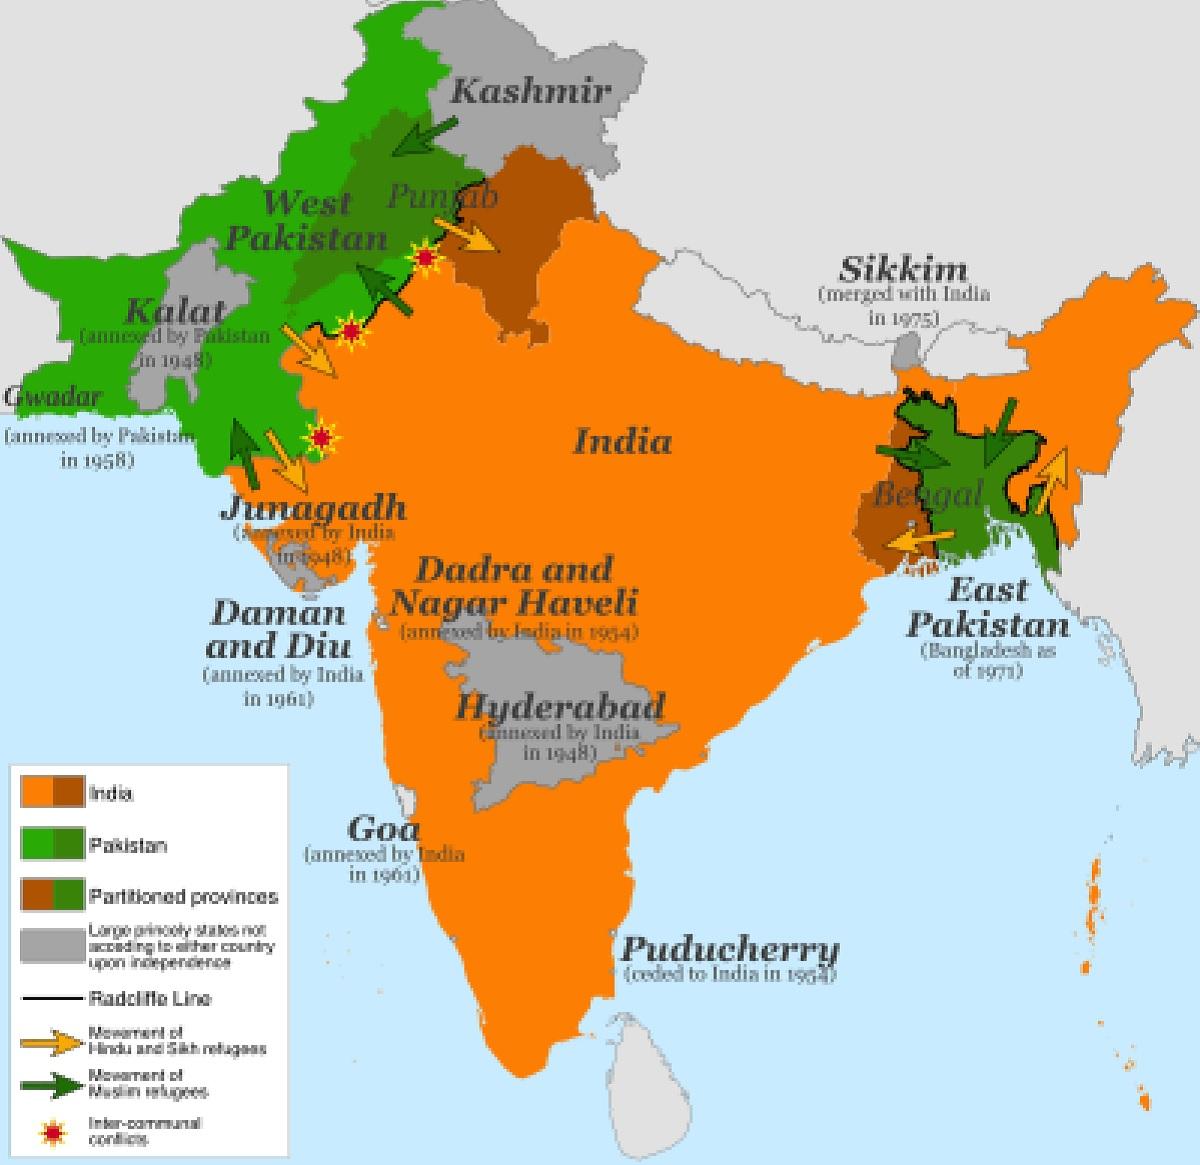 Peta India dan Pakistan